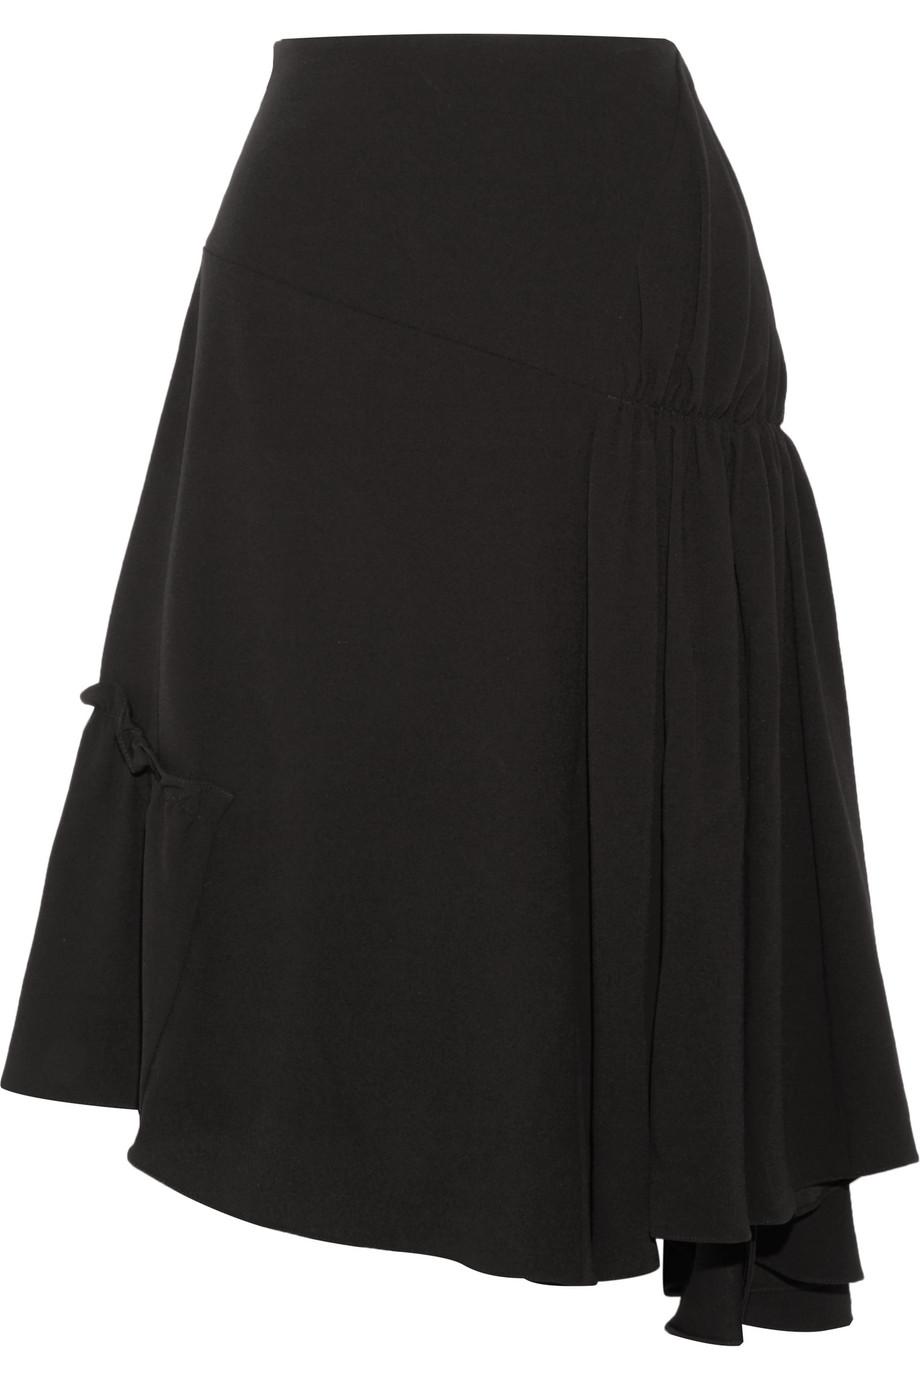 J.W.Anderson Asymmetric Crepe Midi Skirt, Size: 14